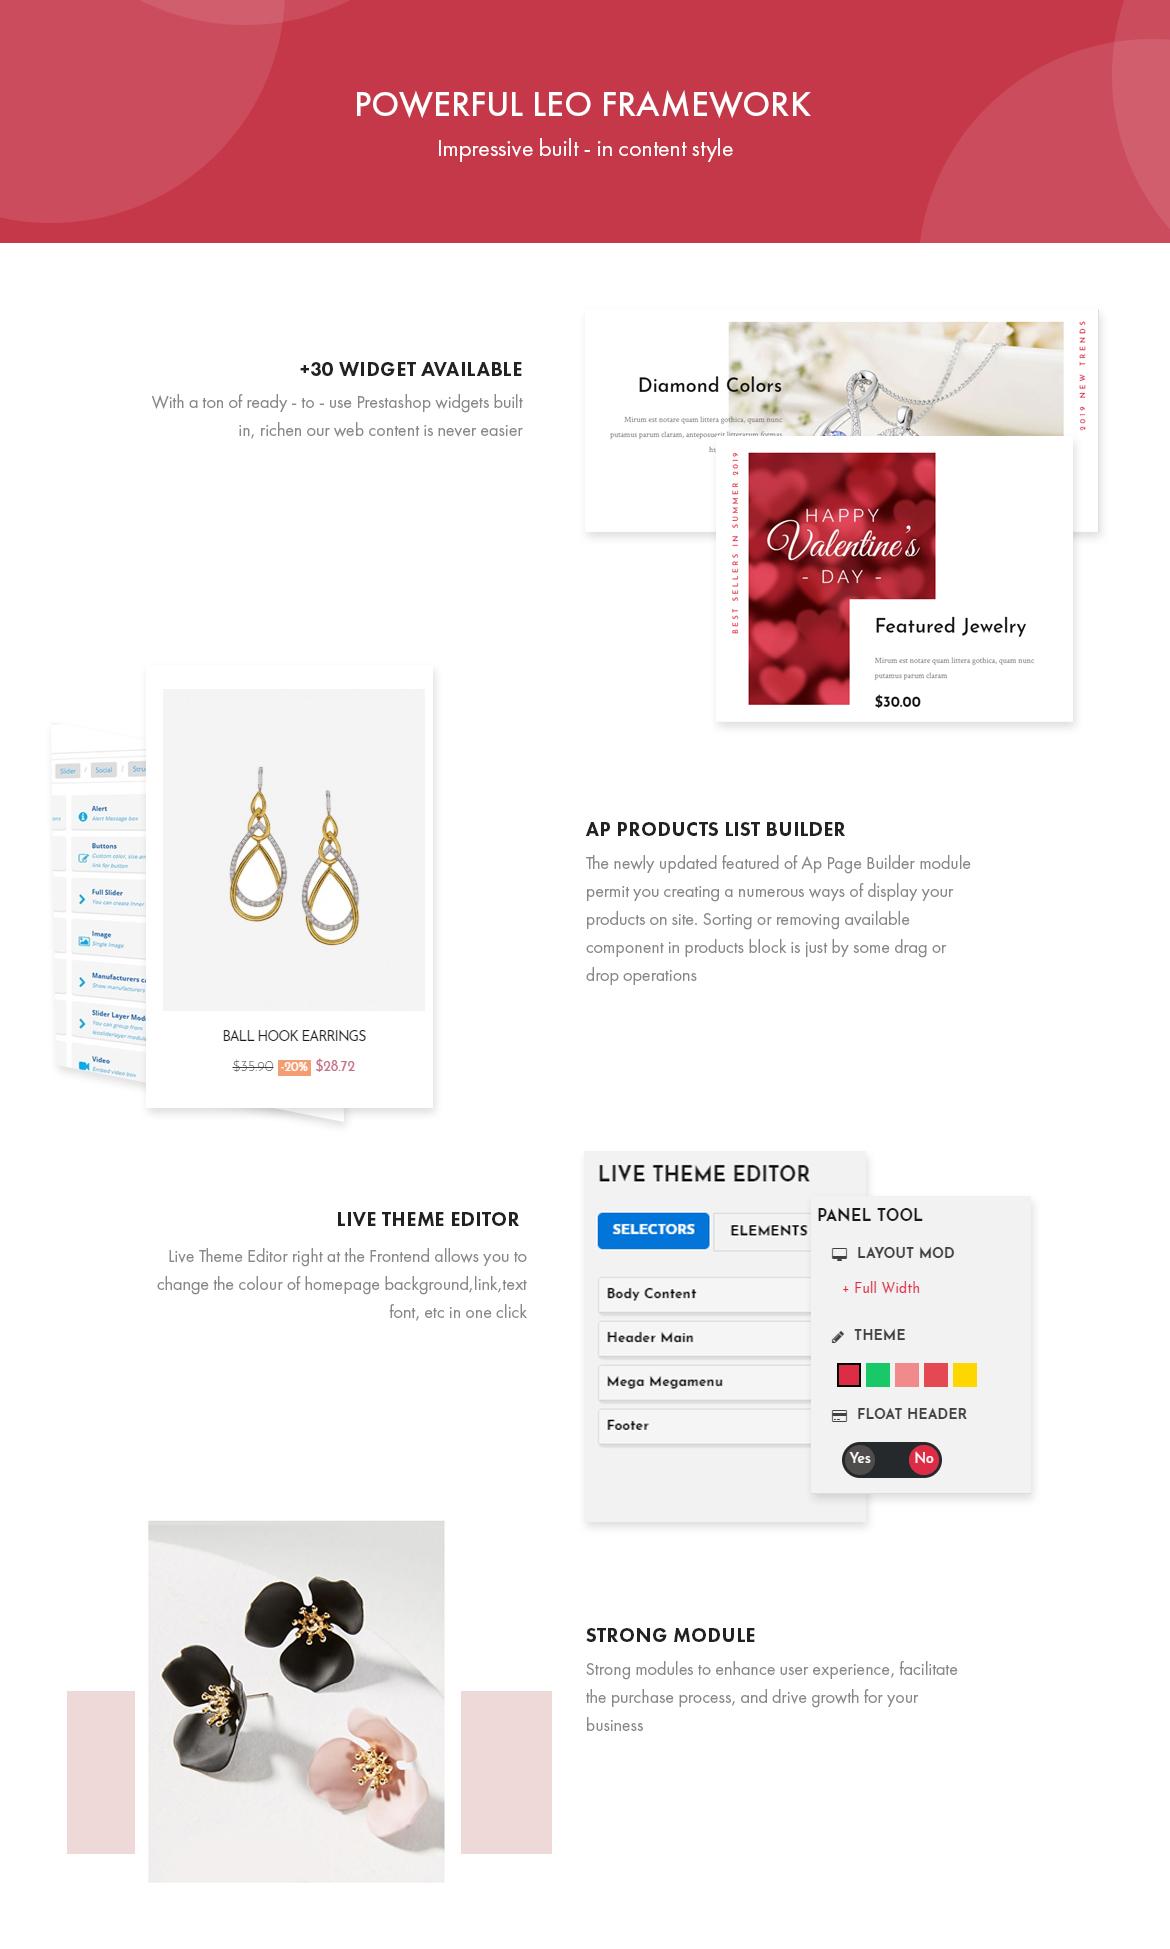 Powerful Leo Framework - Leo Smitten Jewelry Store Prestashop theme